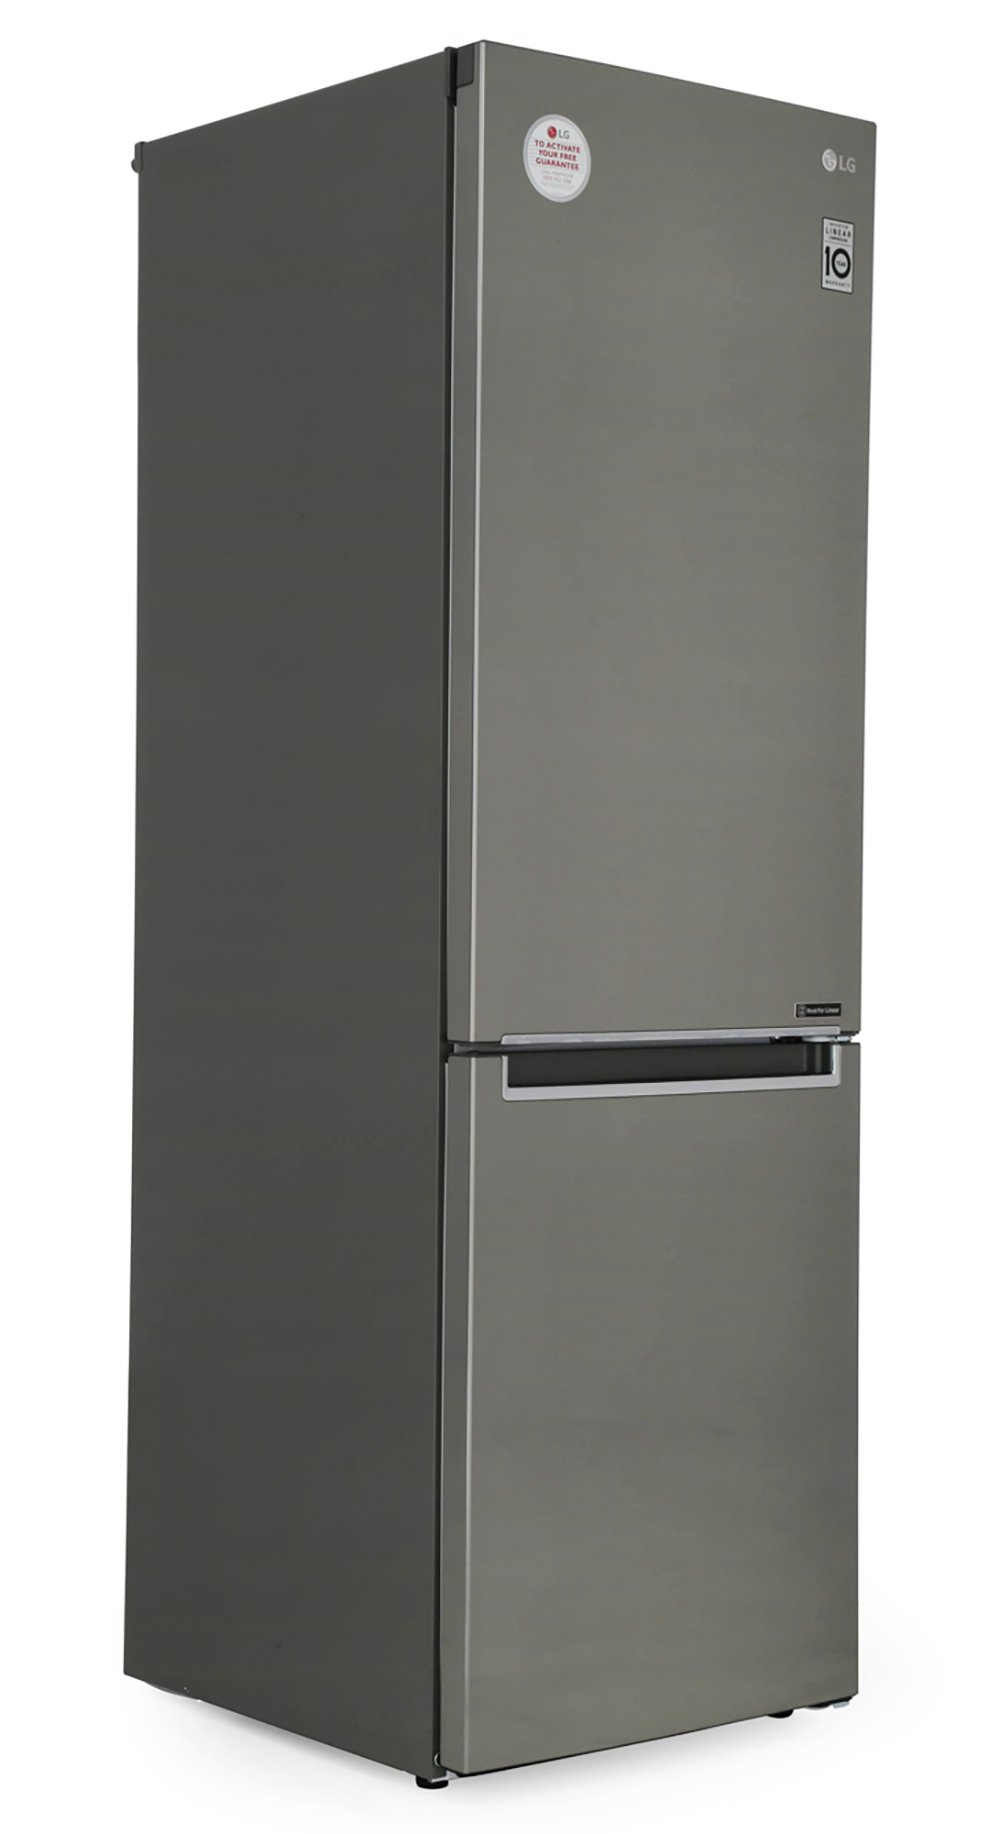 LG GBB61PZJZN Frost Free Fridge Freezer